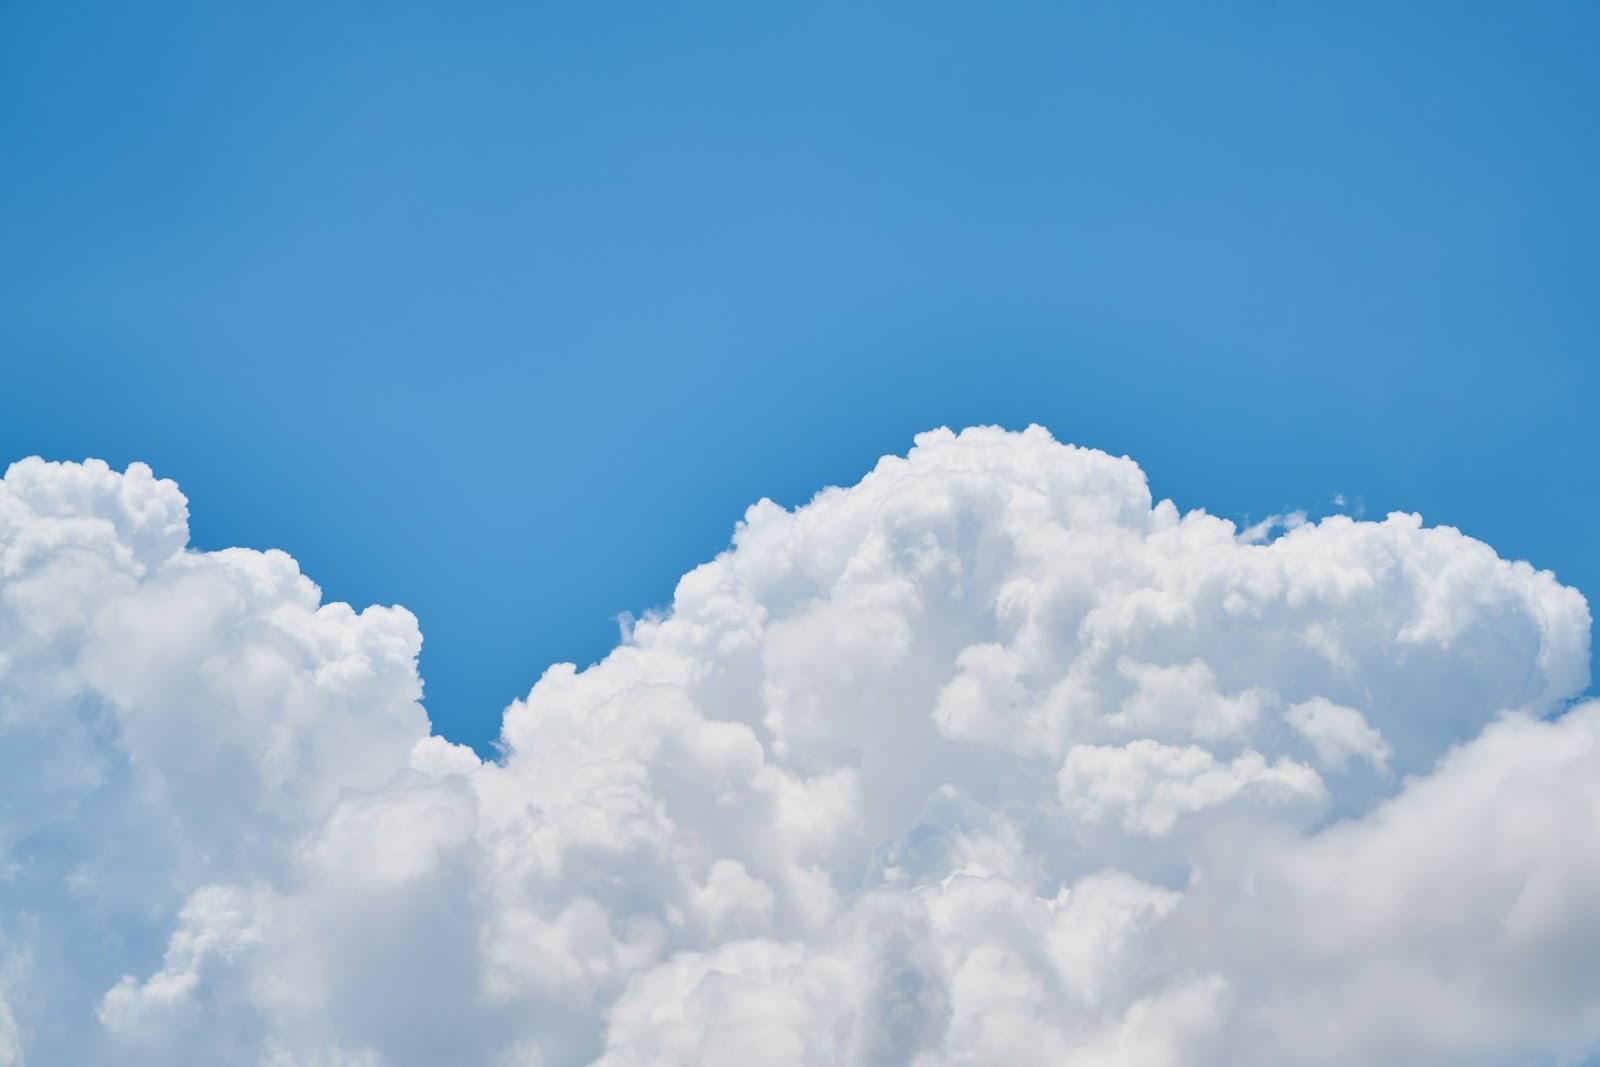 Καιρός αύριο: Κουφόβραση με ζέστη και υγρασία – Που θα βρέξει